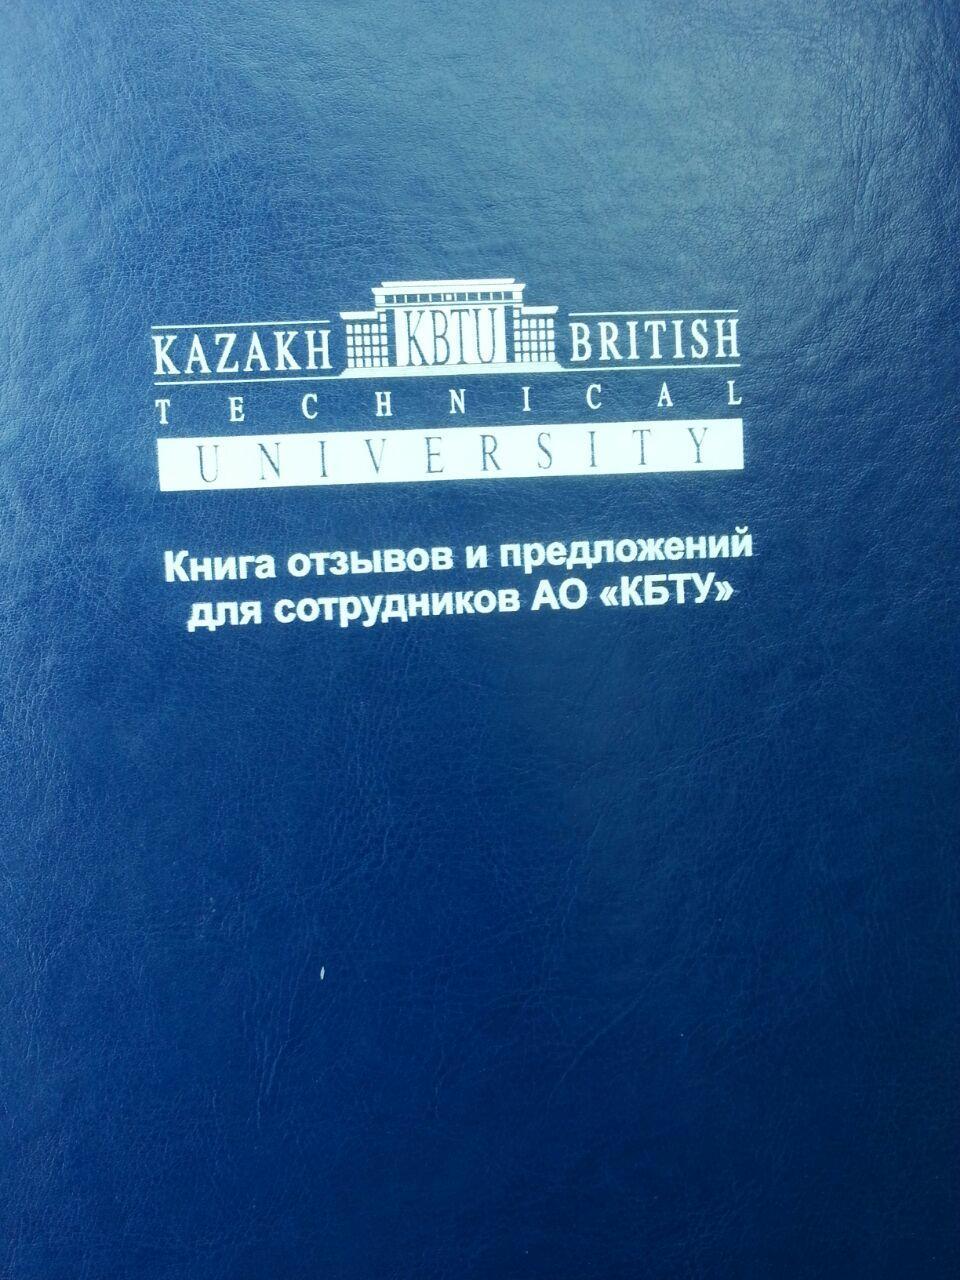 Печать журналов и каталогов по индивидуальному заказу